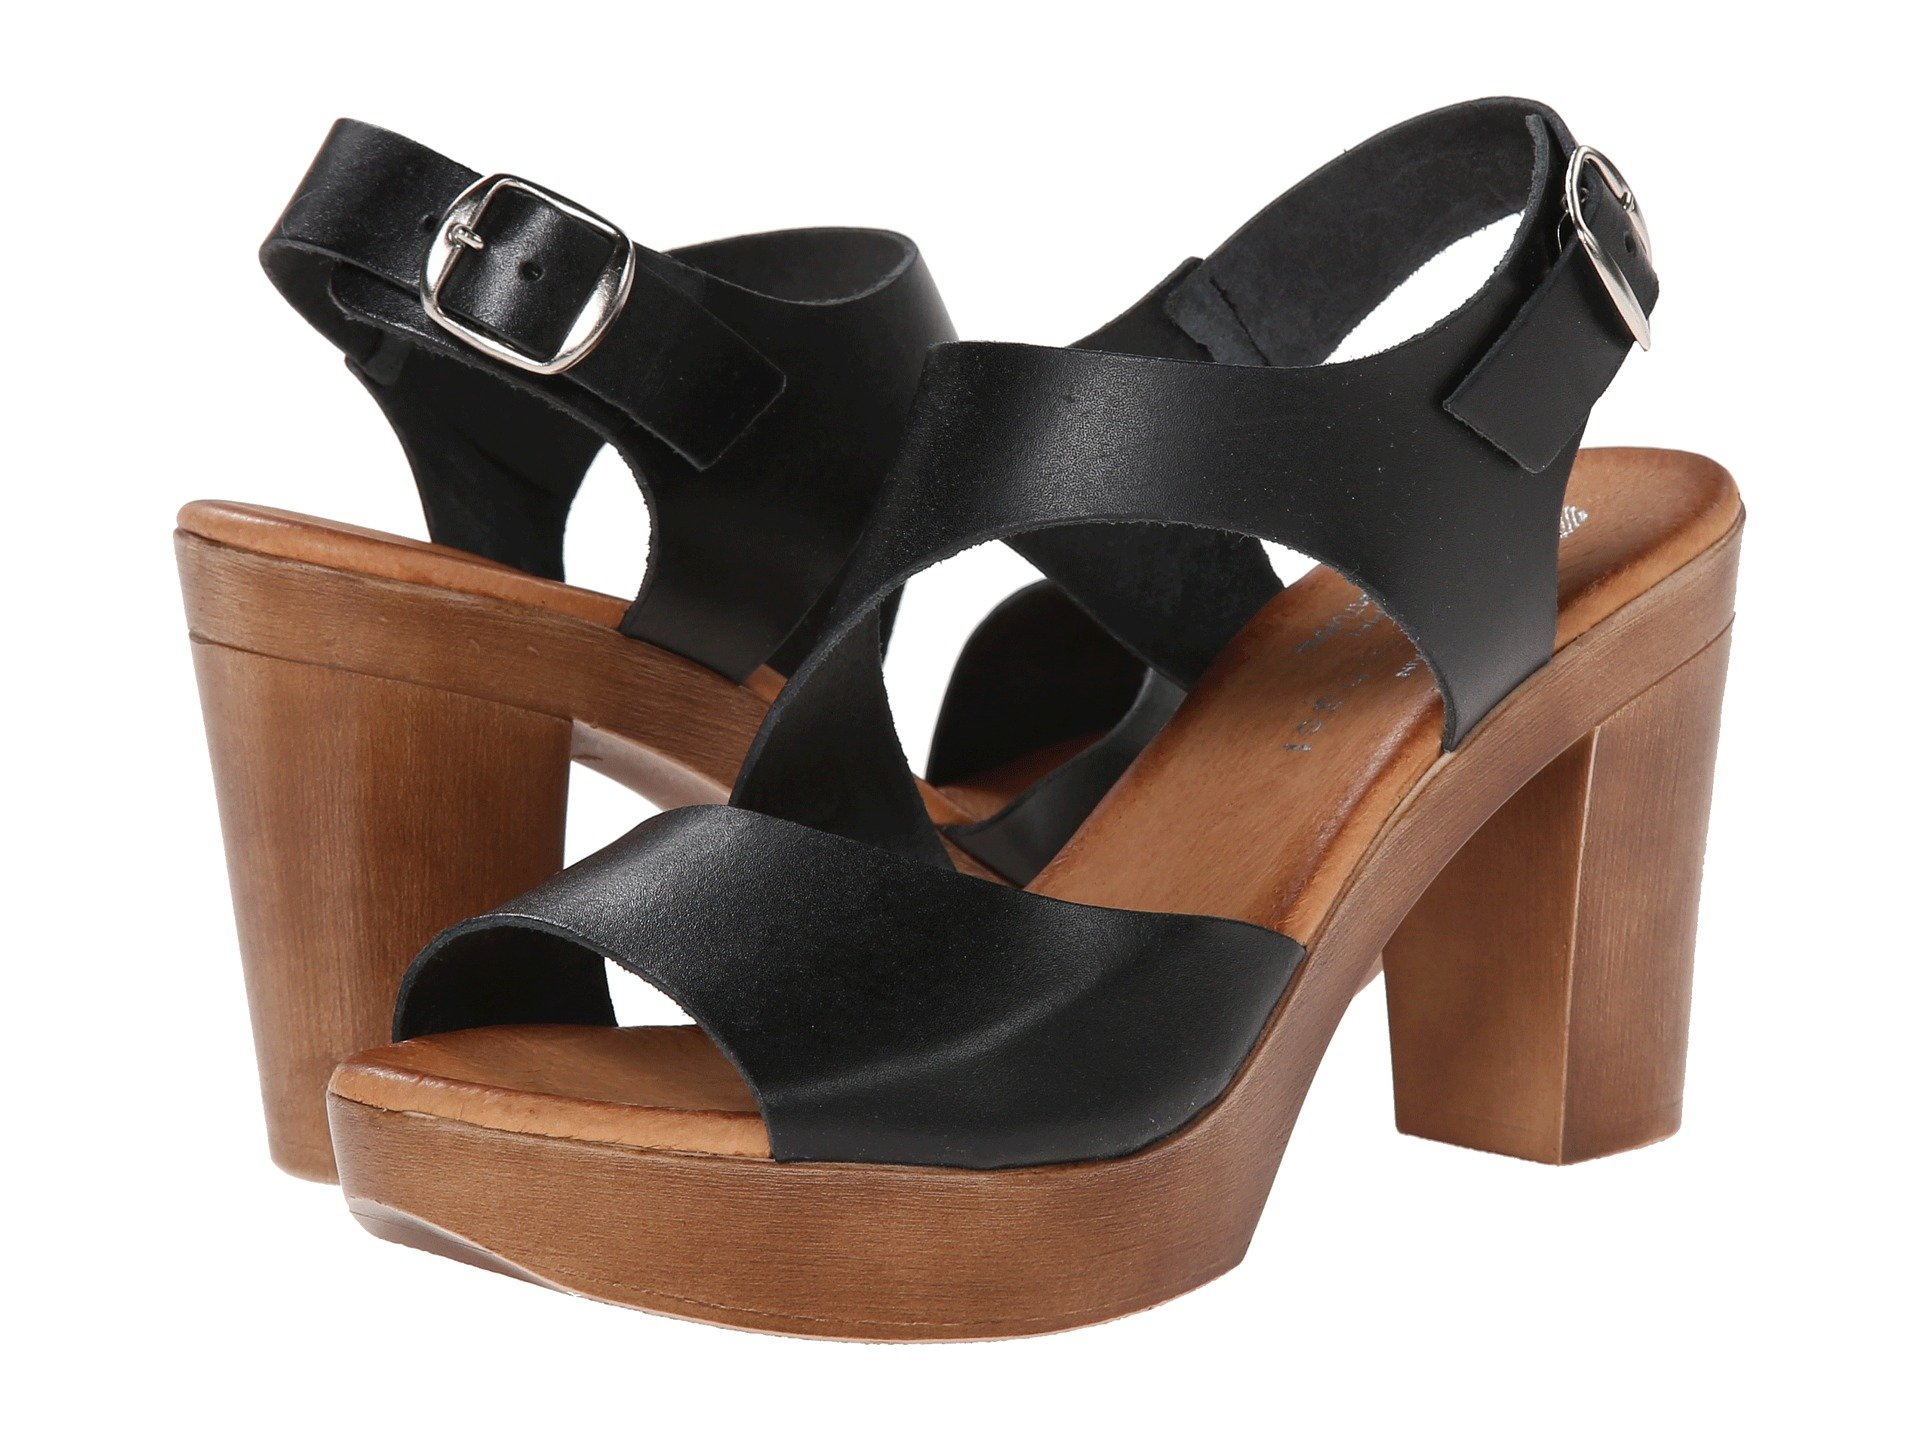 e36b6c8eabdd Women s Eric Michael Shoes + FREE SHIPPING